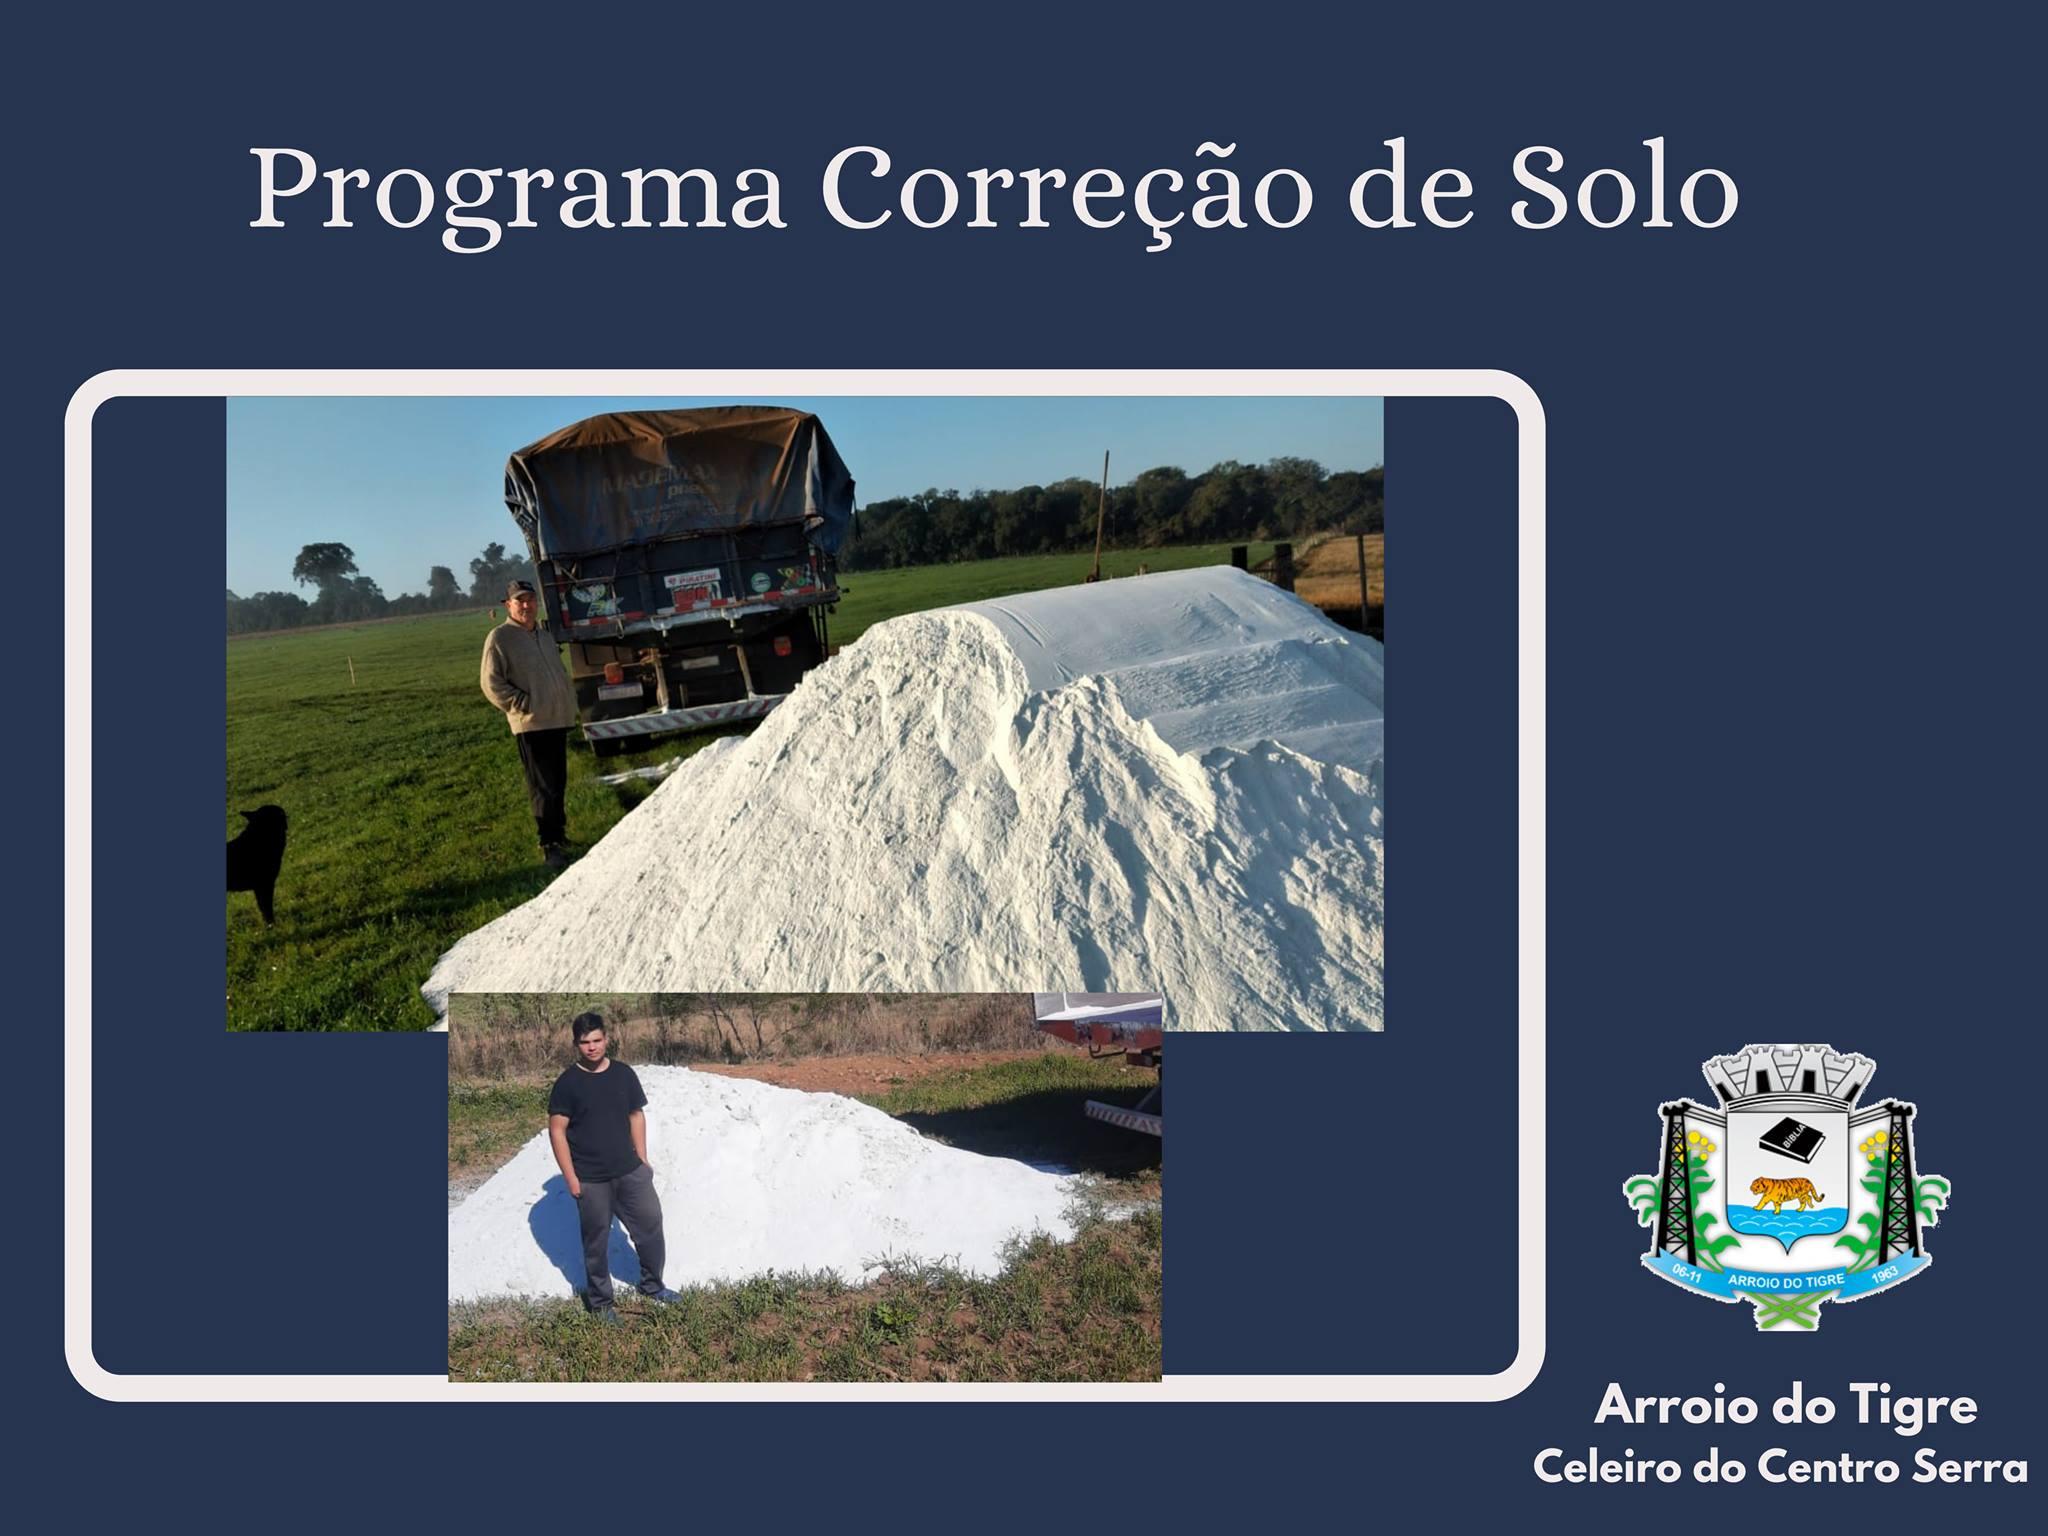 Administração de Arroio do Tigre entrega 1.980 toneladas de calcário para 132 propriedades